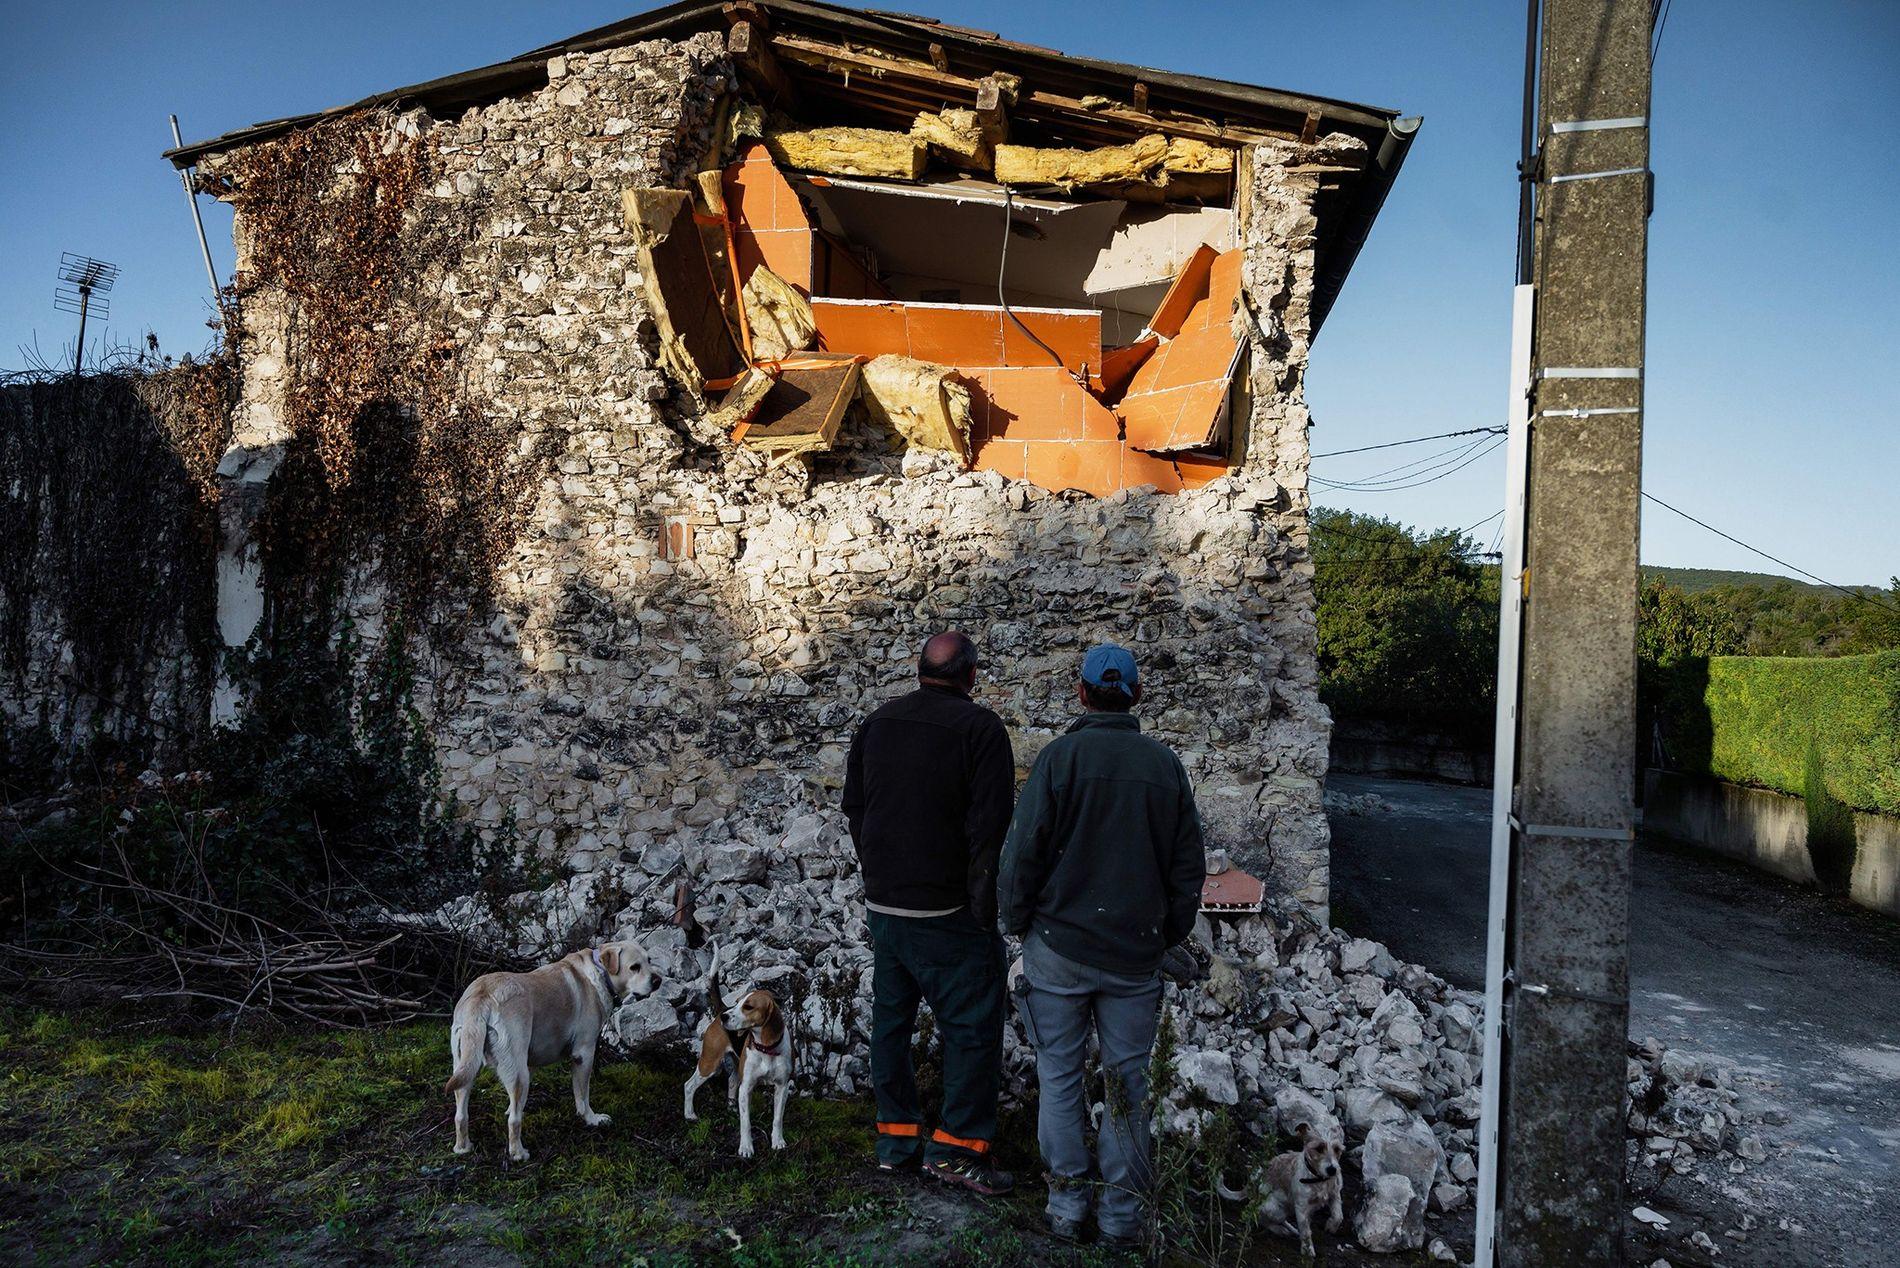 Um terremoto de magnitude 4.8 atingiu o sudeste da França em 11 de novembro, danificando construções ...